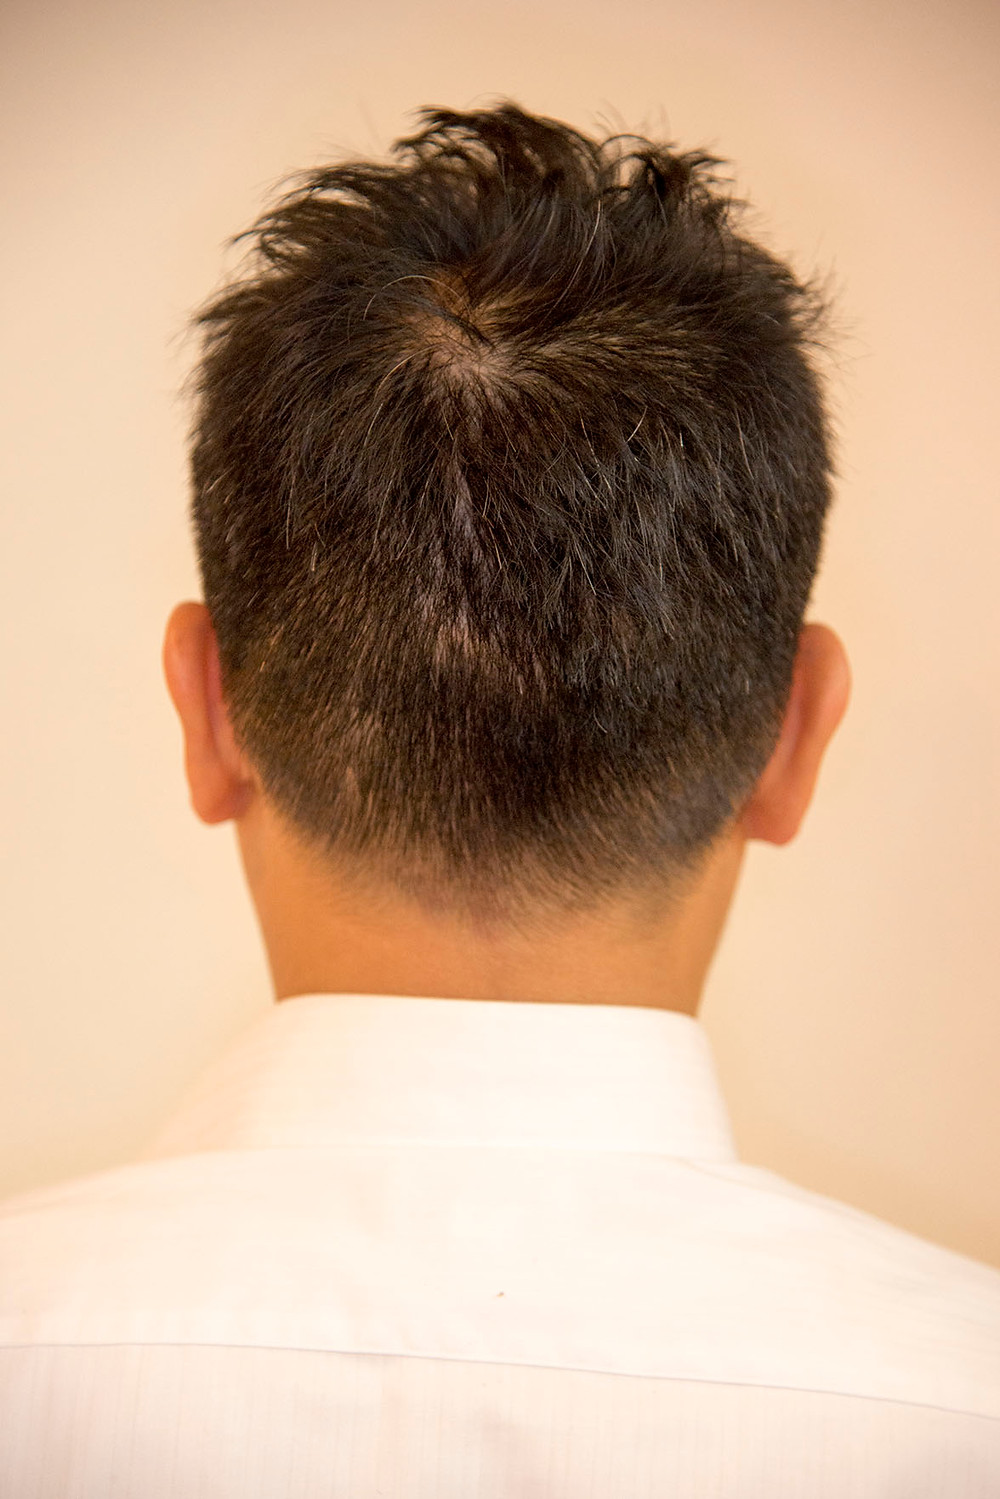 町田 美容室 ビジネスマン ヘアスタイル 3